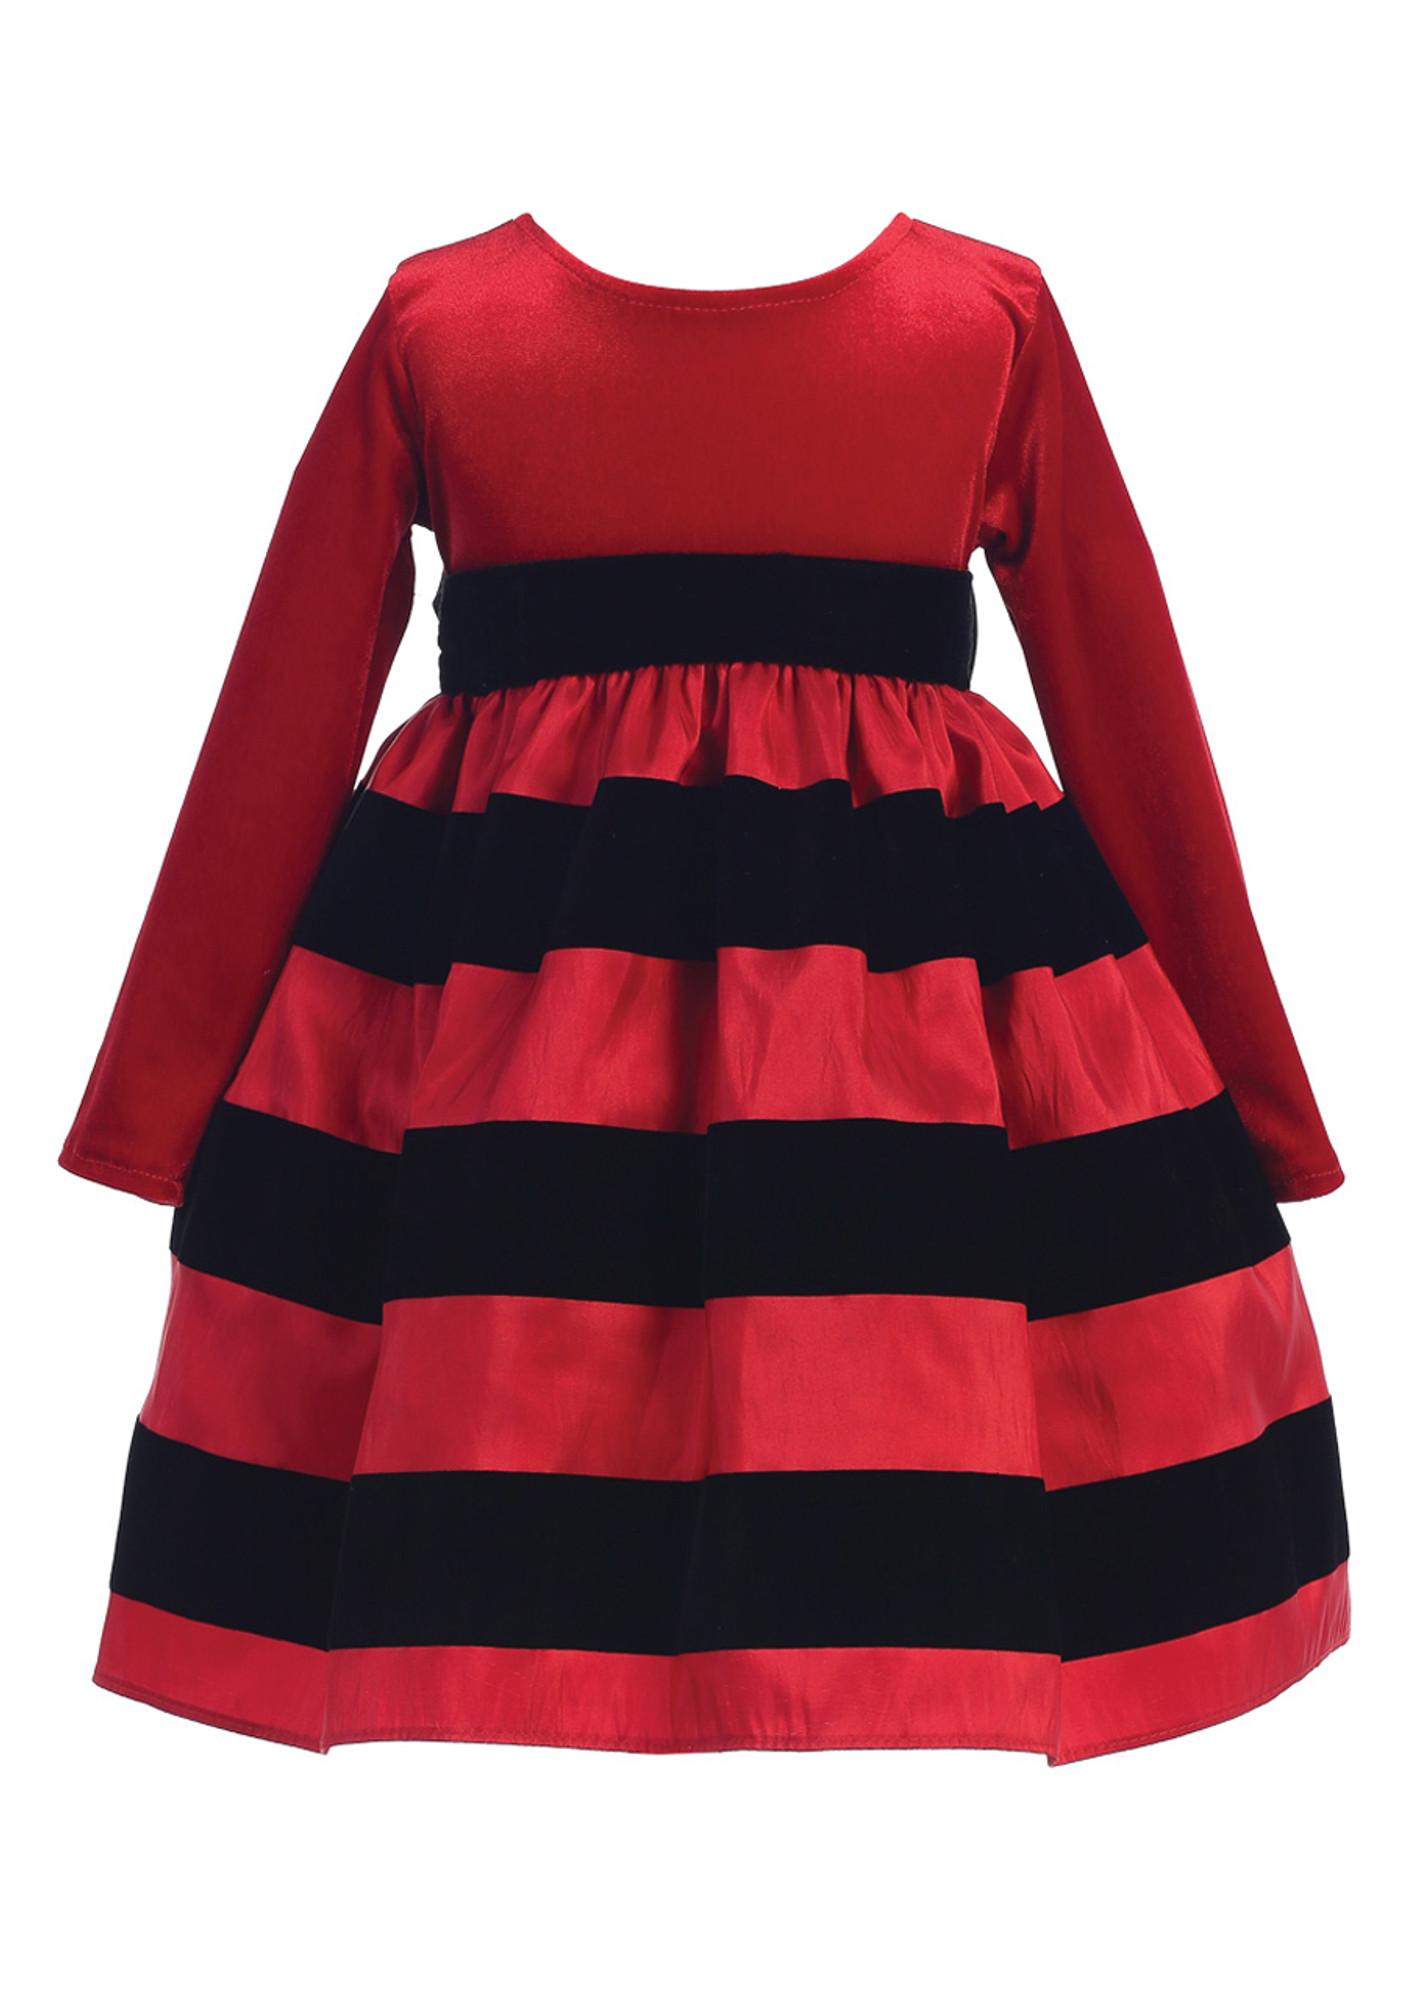 BIMARO Baby Mädchen Kleid Lissy rot Streifen schwarz Samt Samtkleid Taufkleid Winter Taufe Hochzeit festlich Weihnachten 001